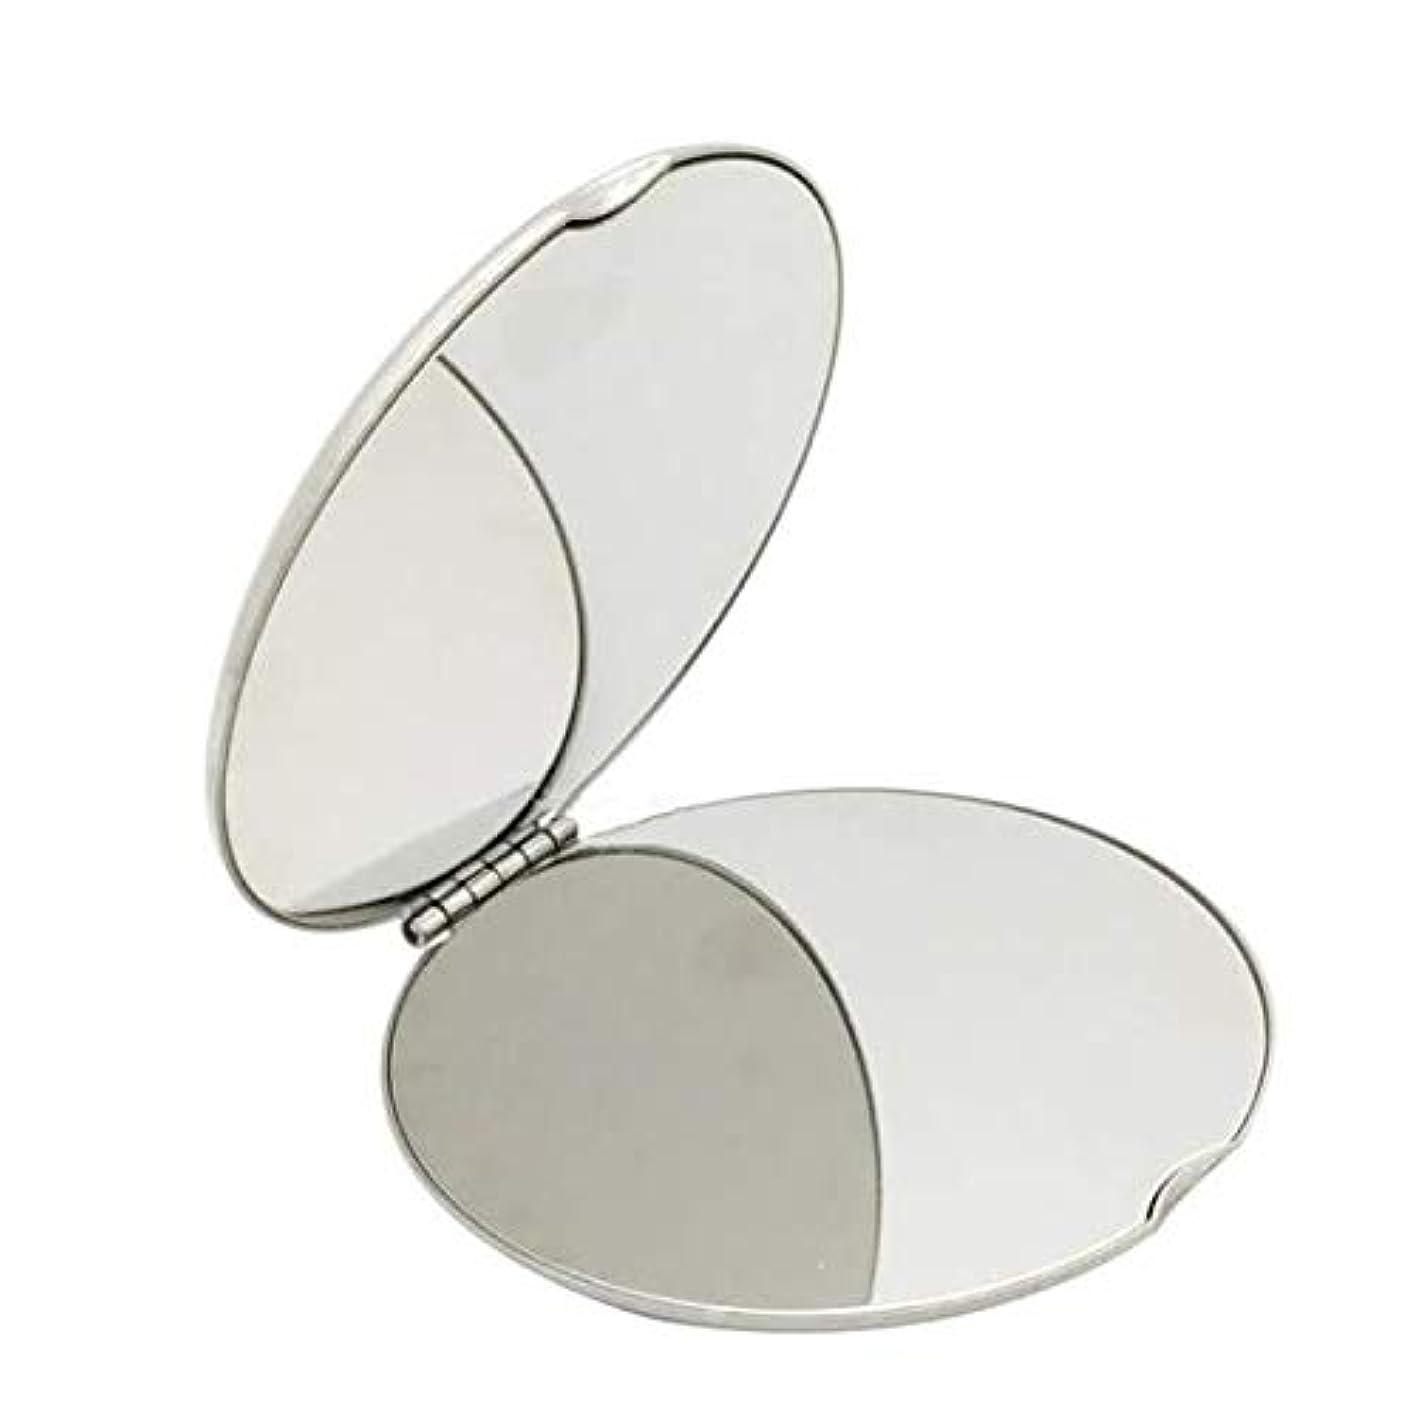 疼痛わな天使飛散防止化粧鏡ステンレス鋼 化粧鏡おすすめ 携帯用ミラー化粧用鏡(ラウンド)